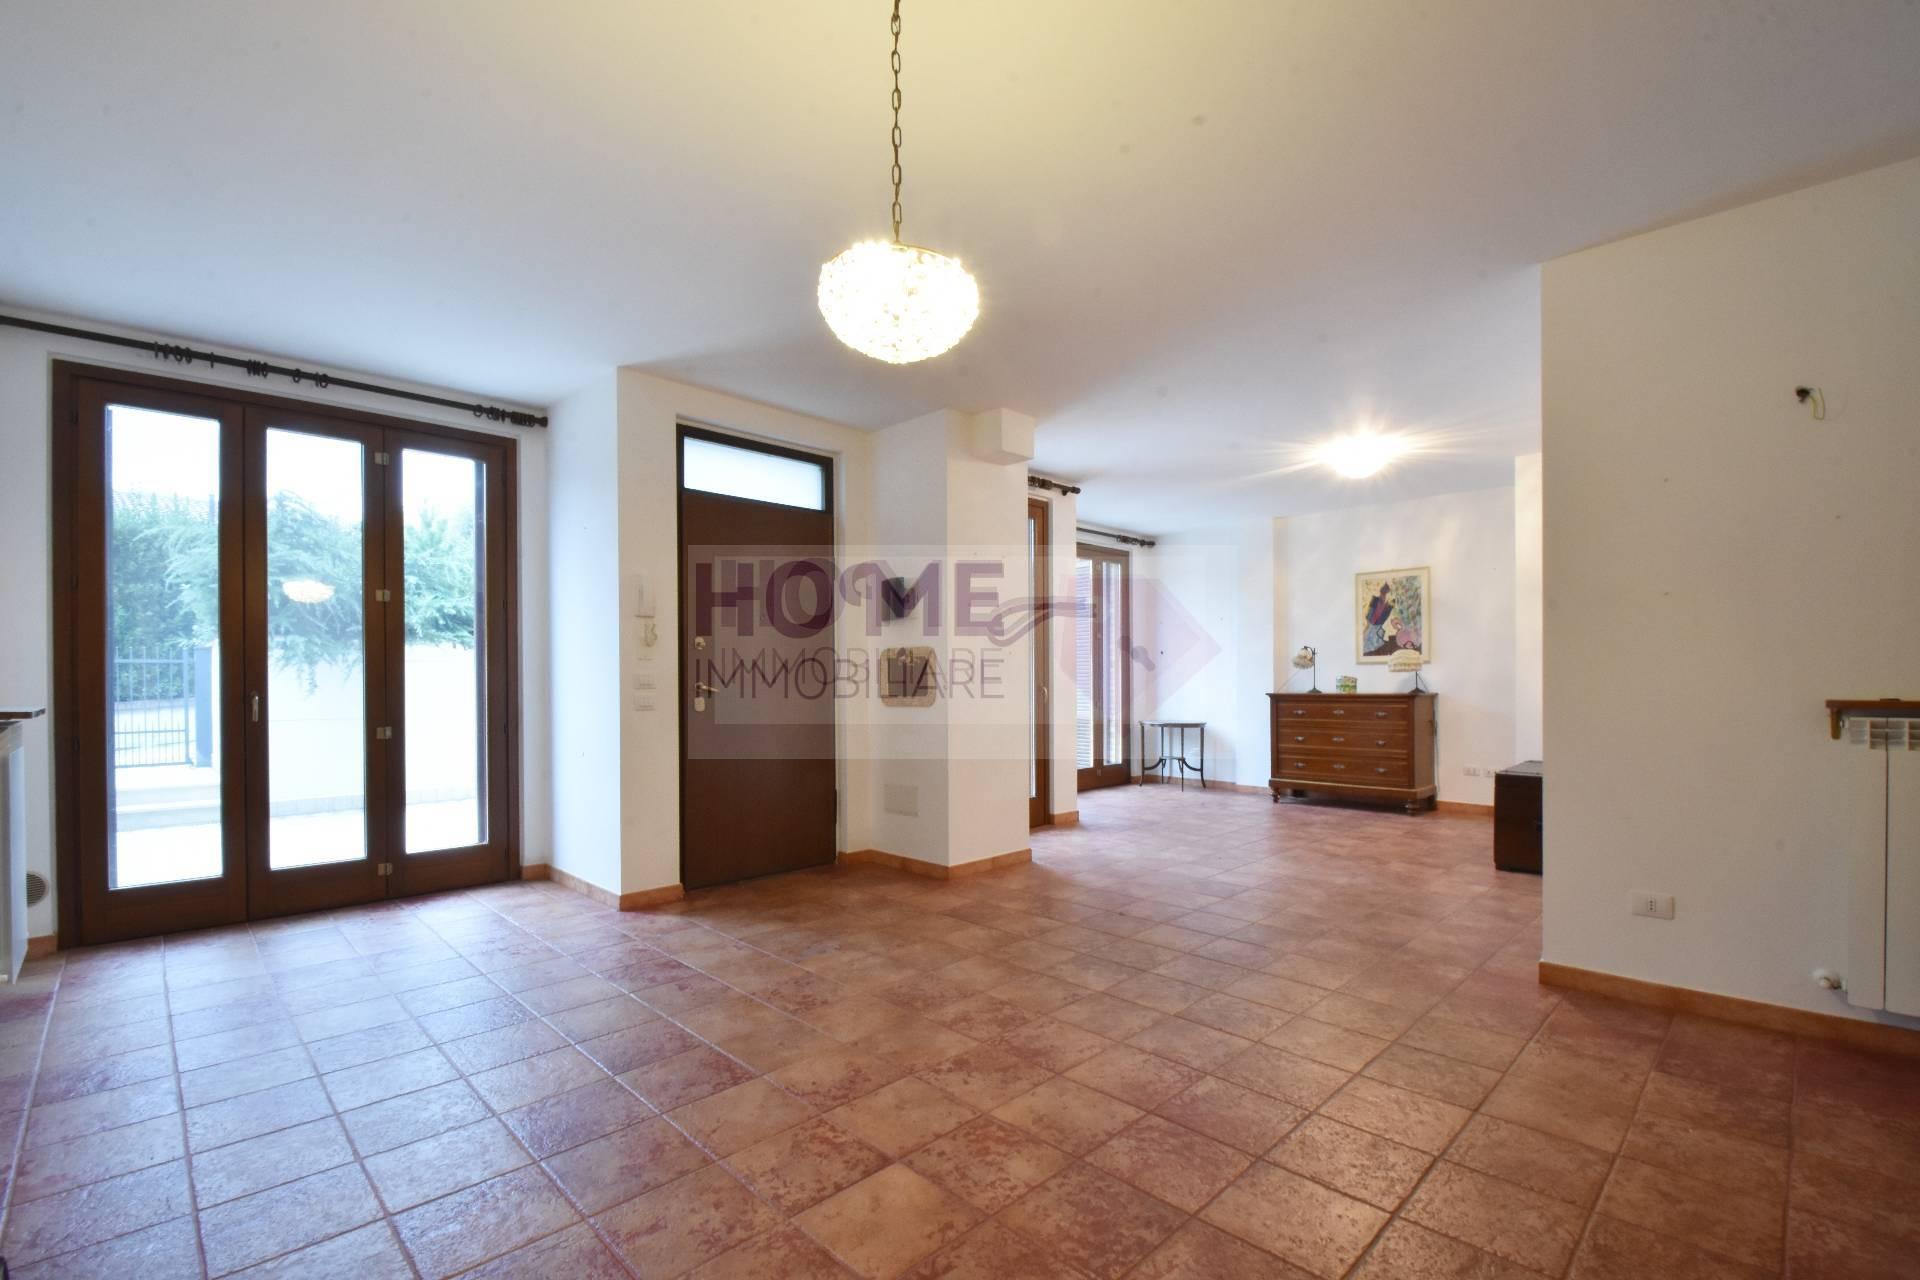 macerata vendita quart: zona corneto home immobiliare snc